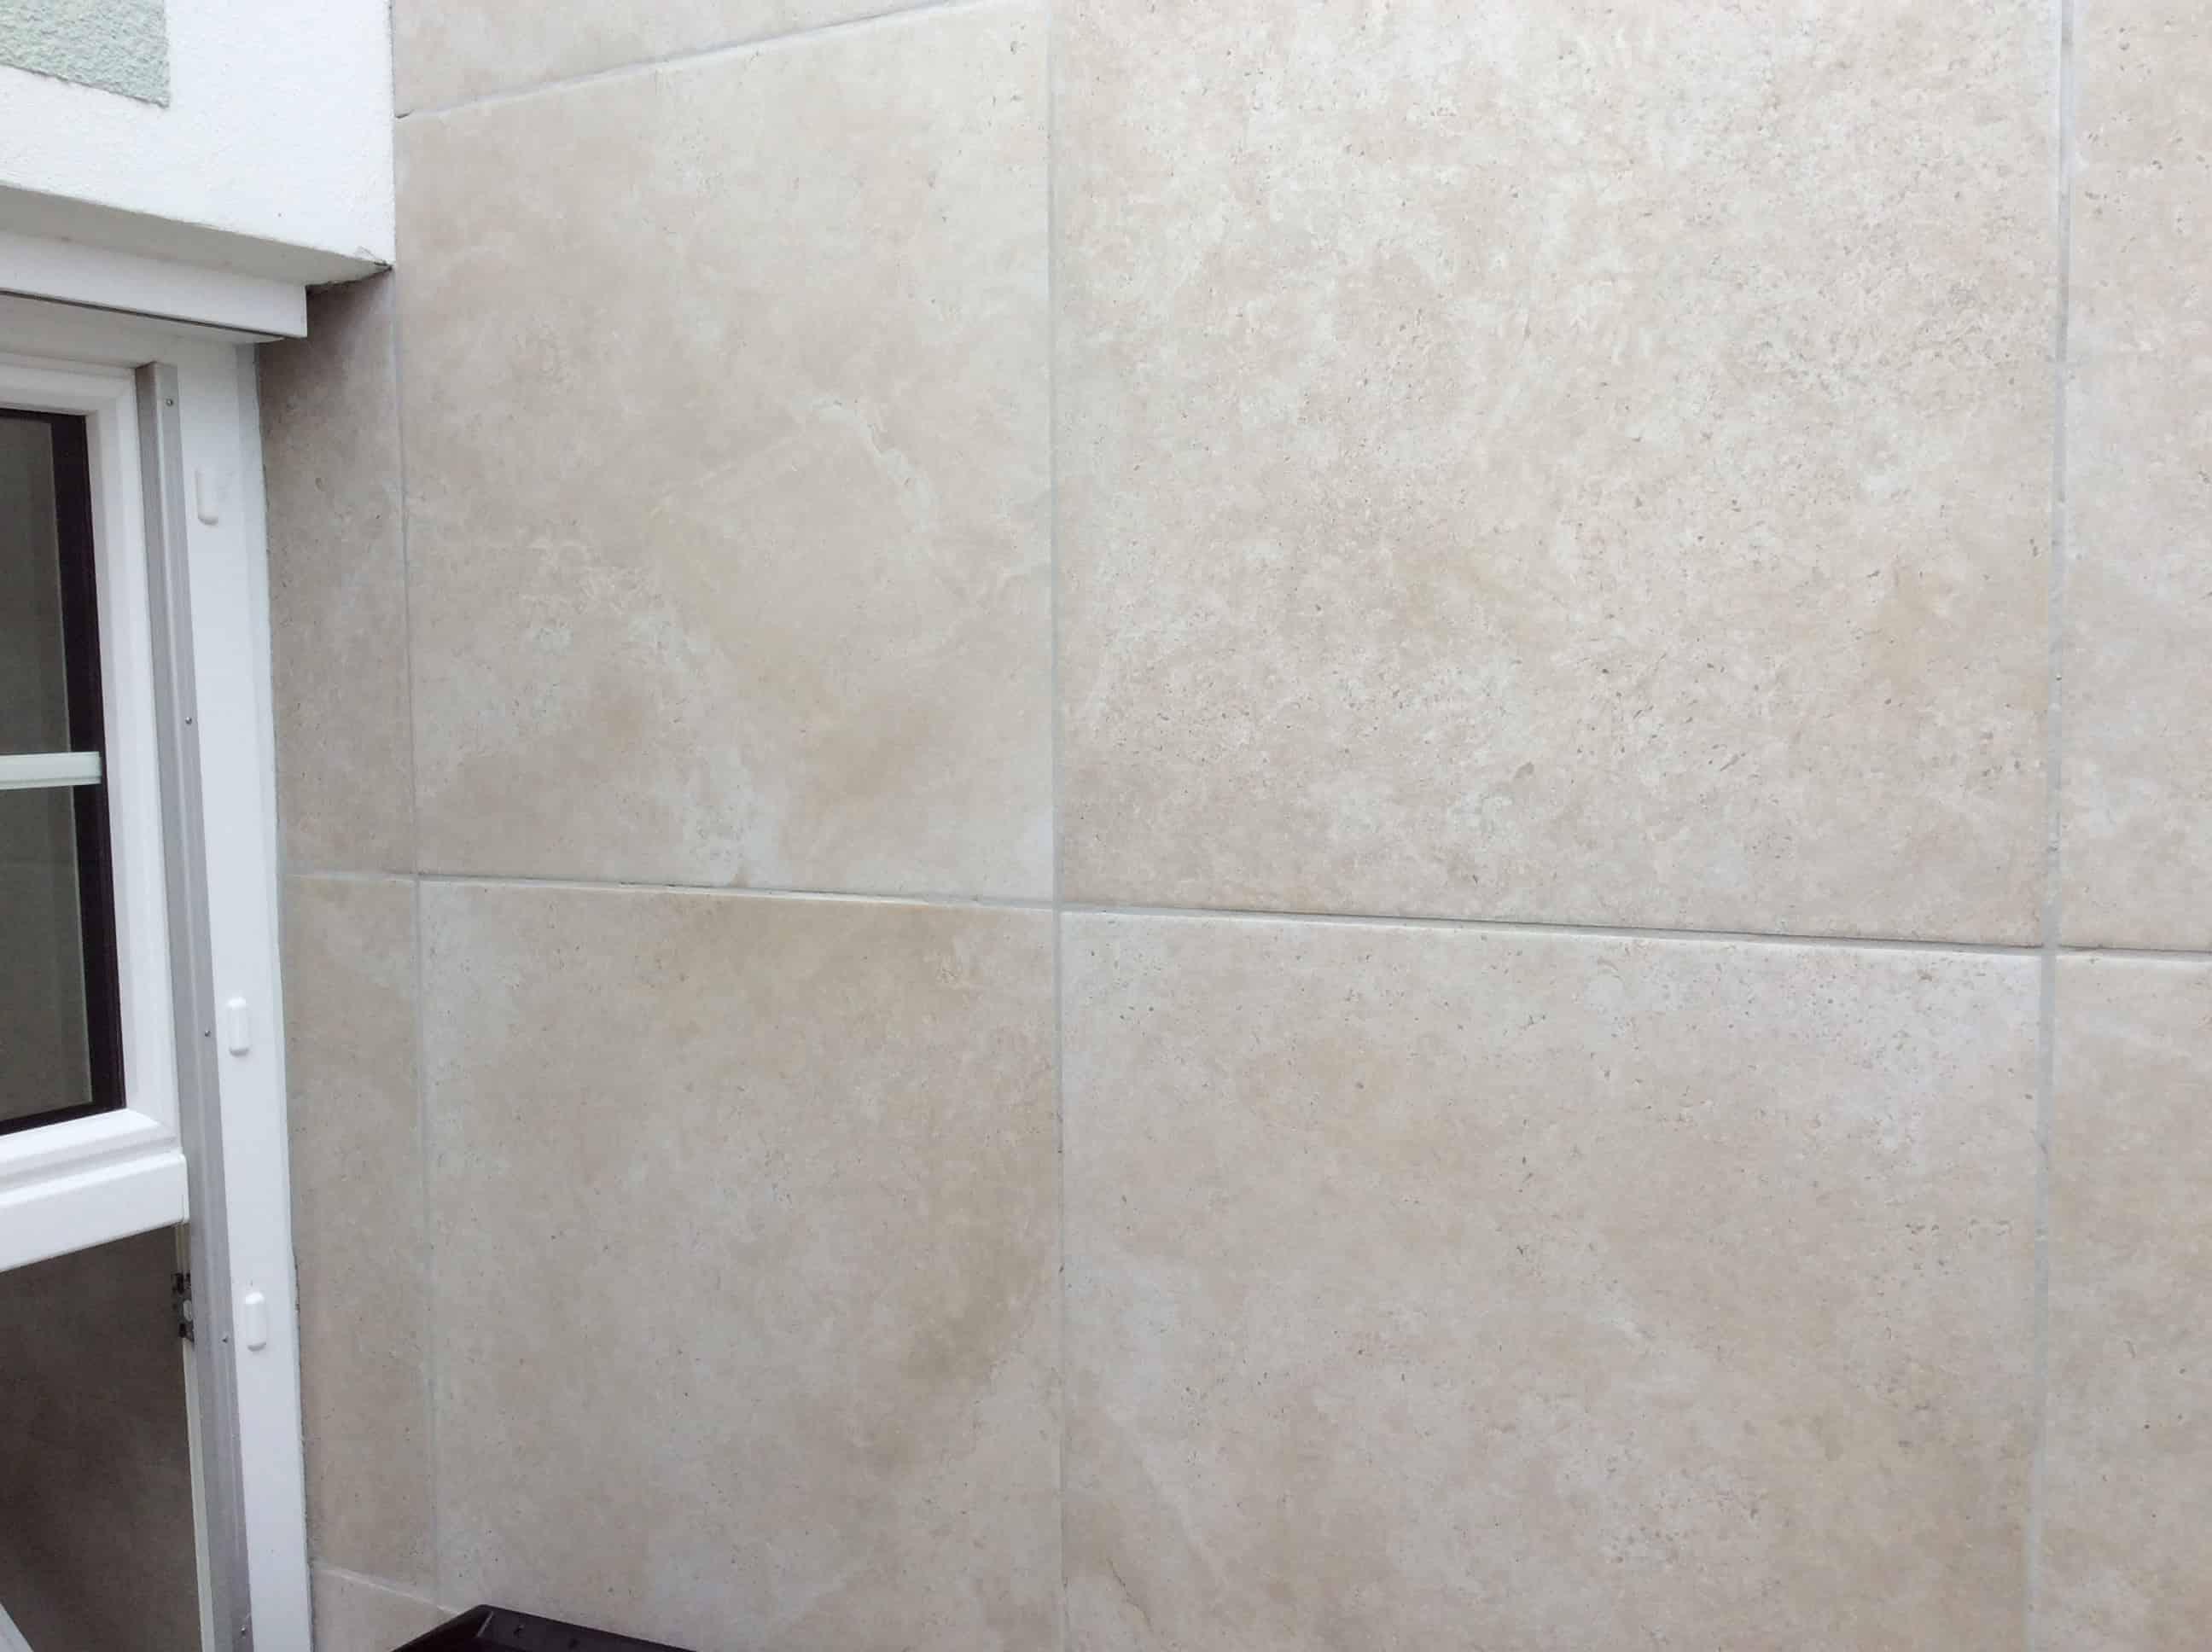 terrassenplatten g nstig kaufen im baustoffhandel von restado gebraucht und neu. Black Bedroom Furniture Sets. Home Design Ideas